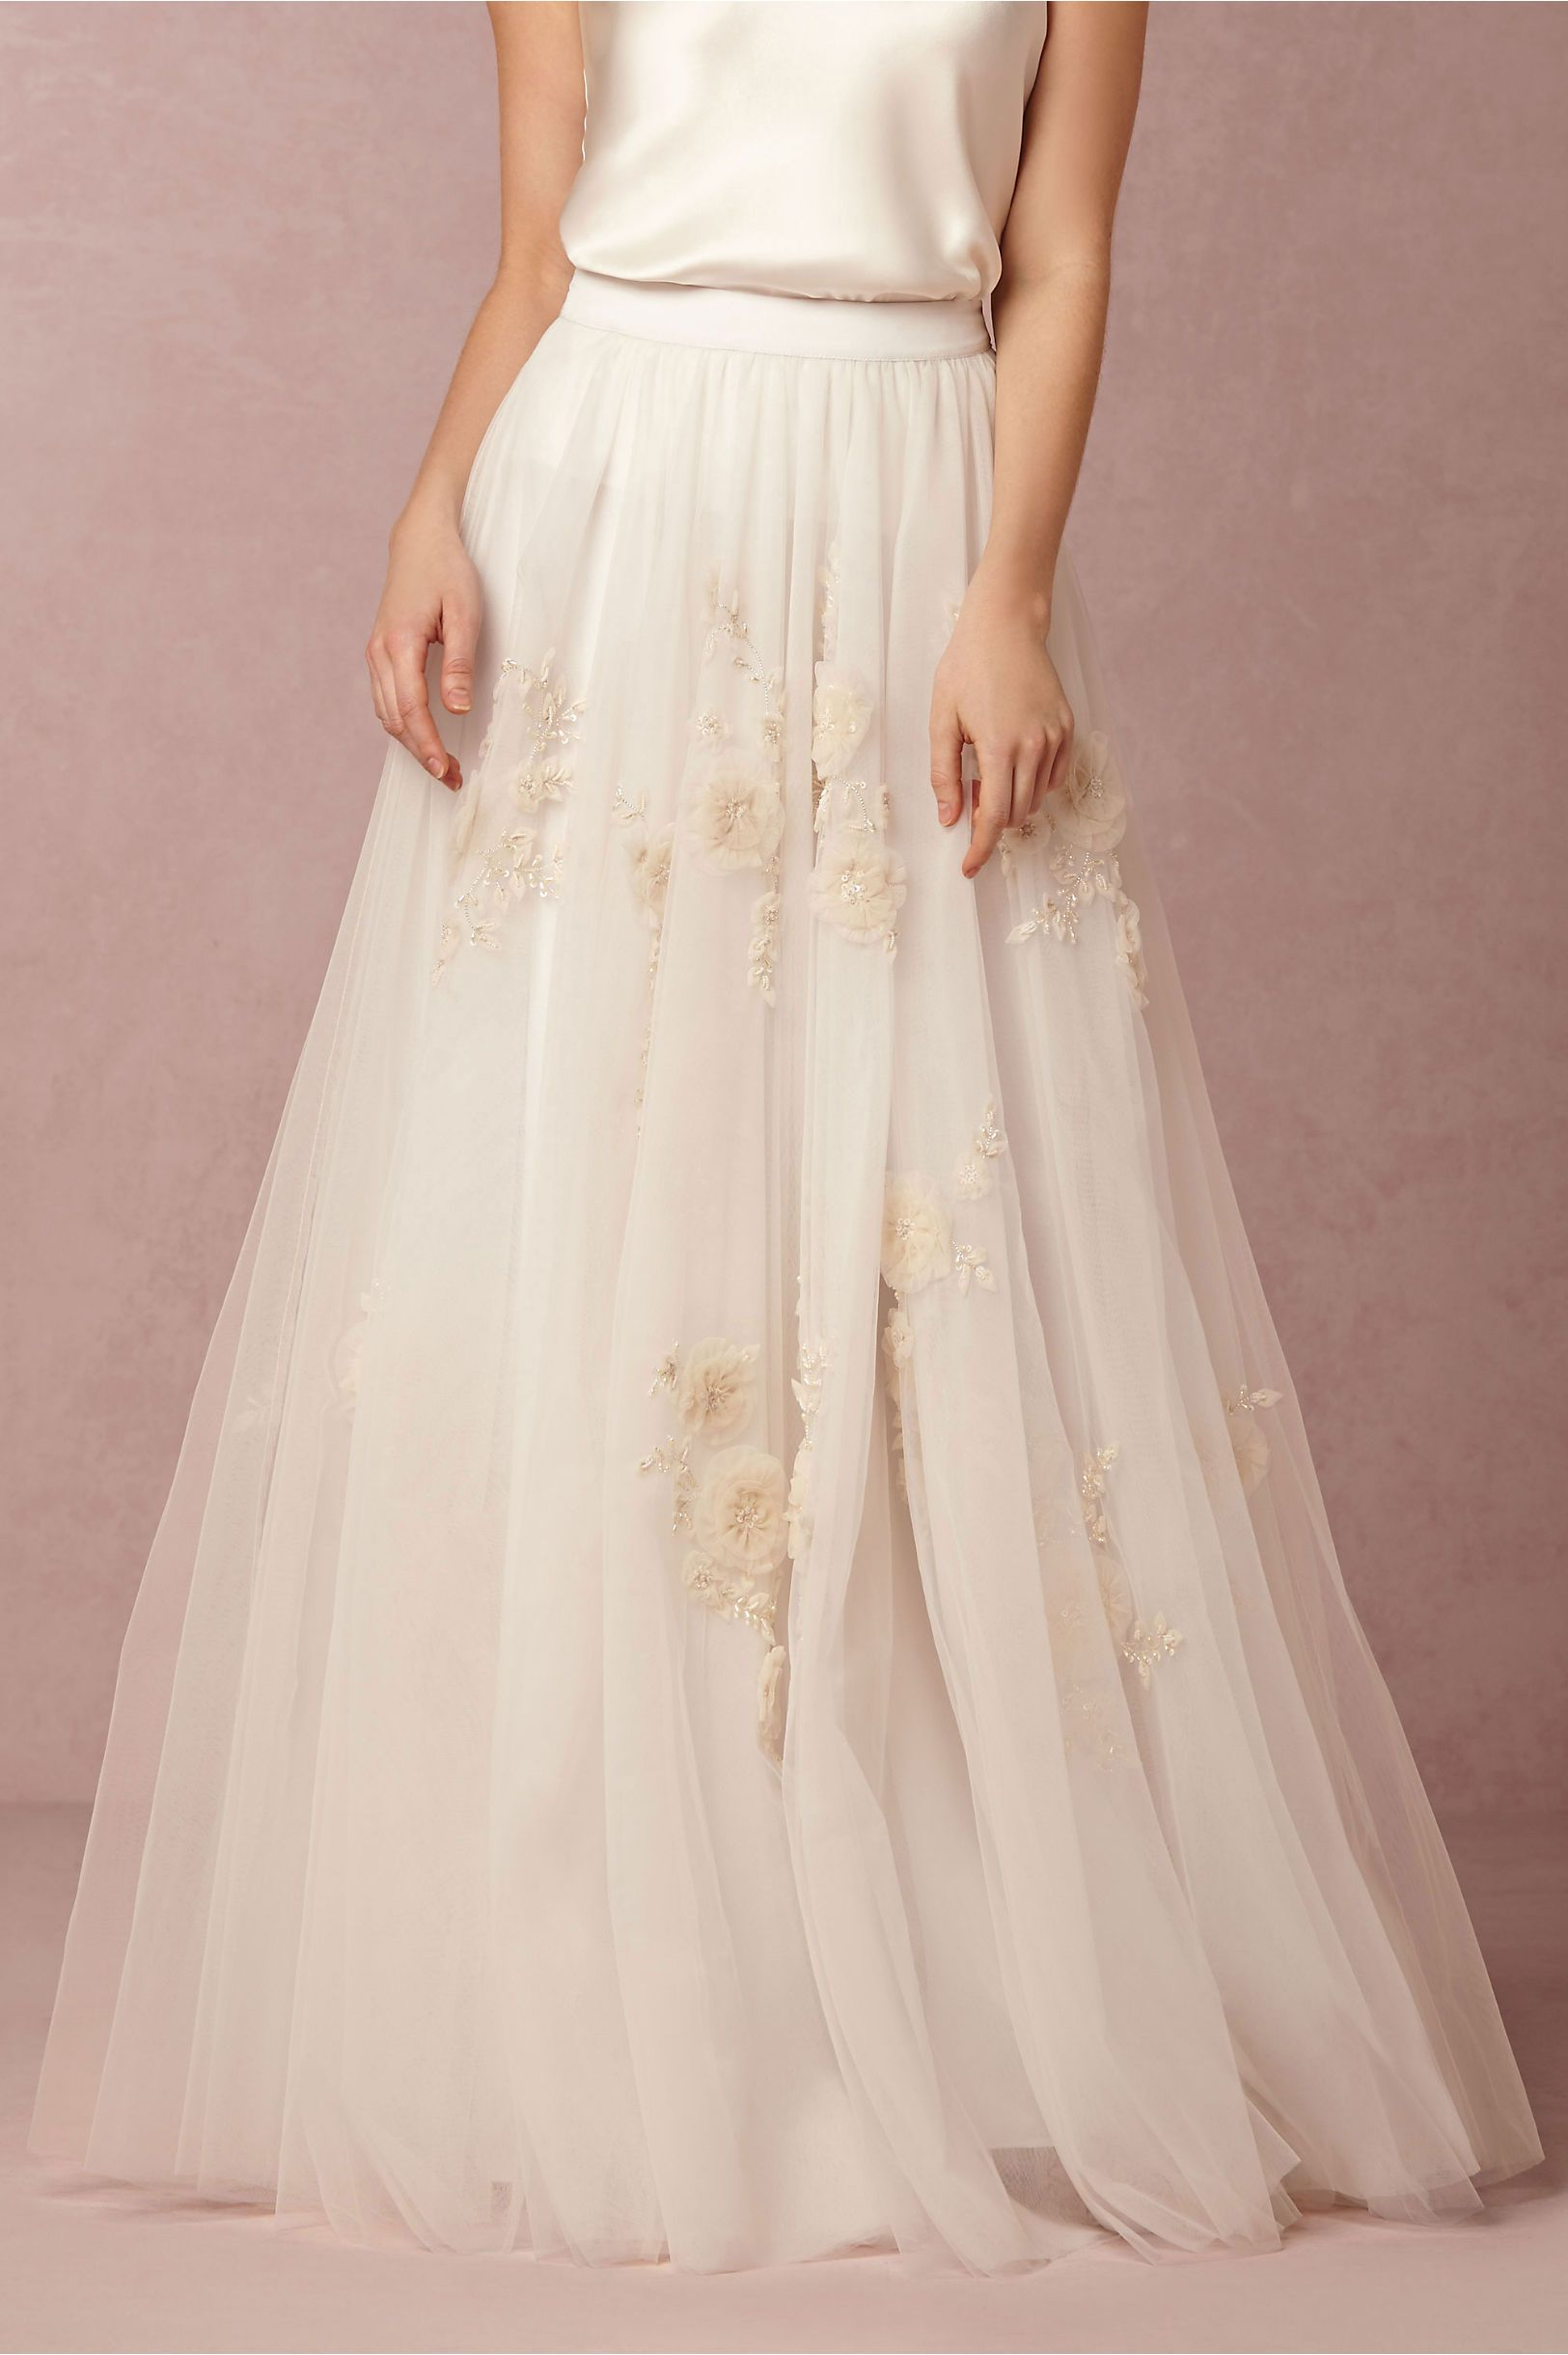 abaaad60b74 bridal separates from  BHLDN